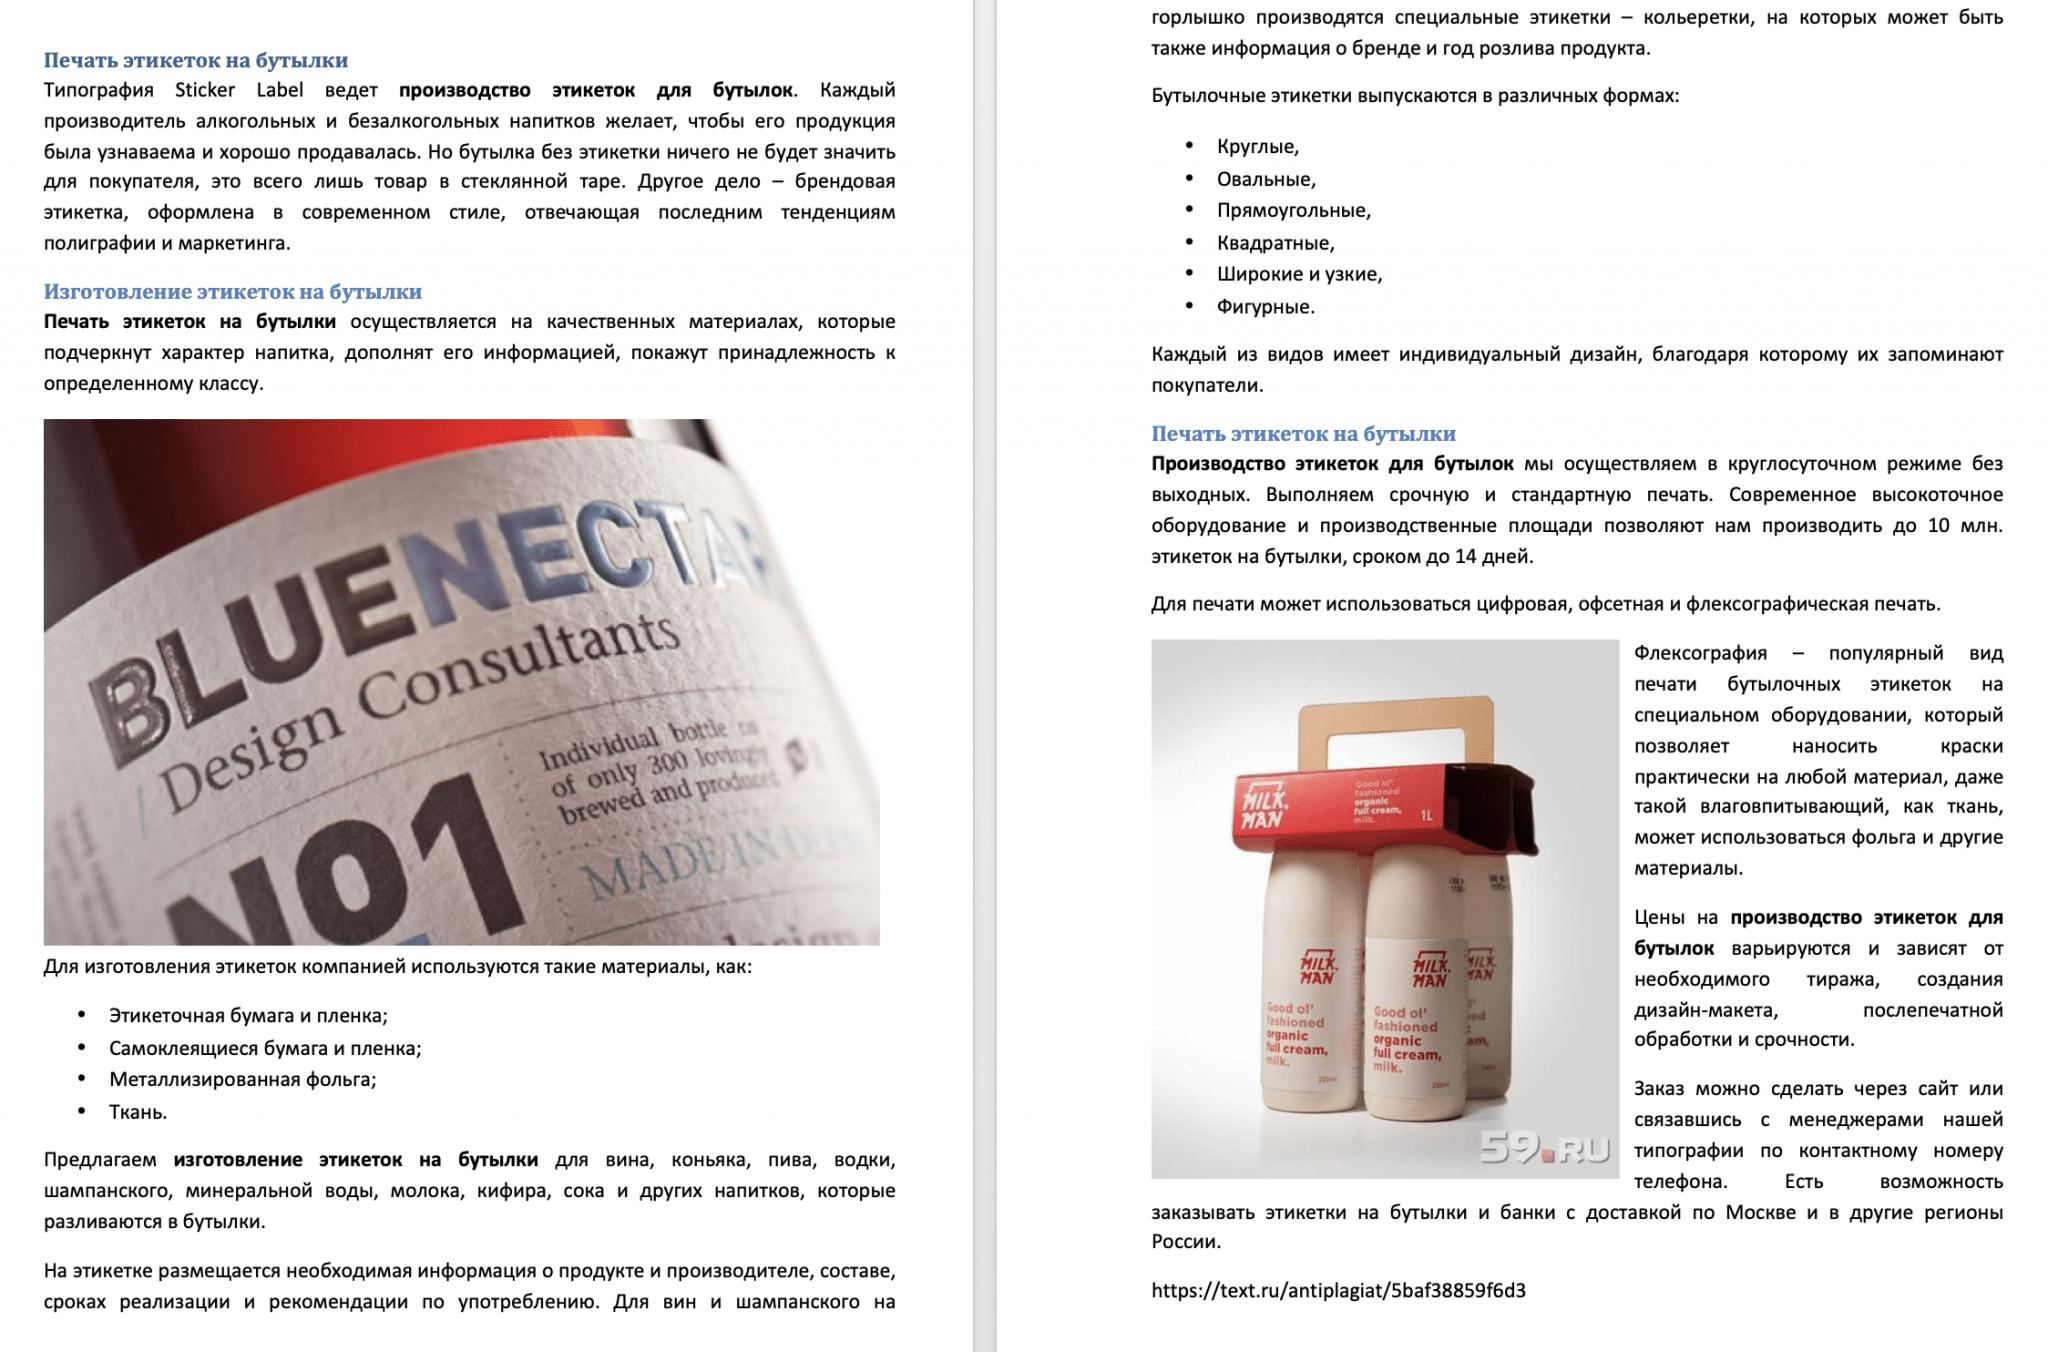 Пример текста для сайта №17 – Сео-текст для сайта по производству этикеток.